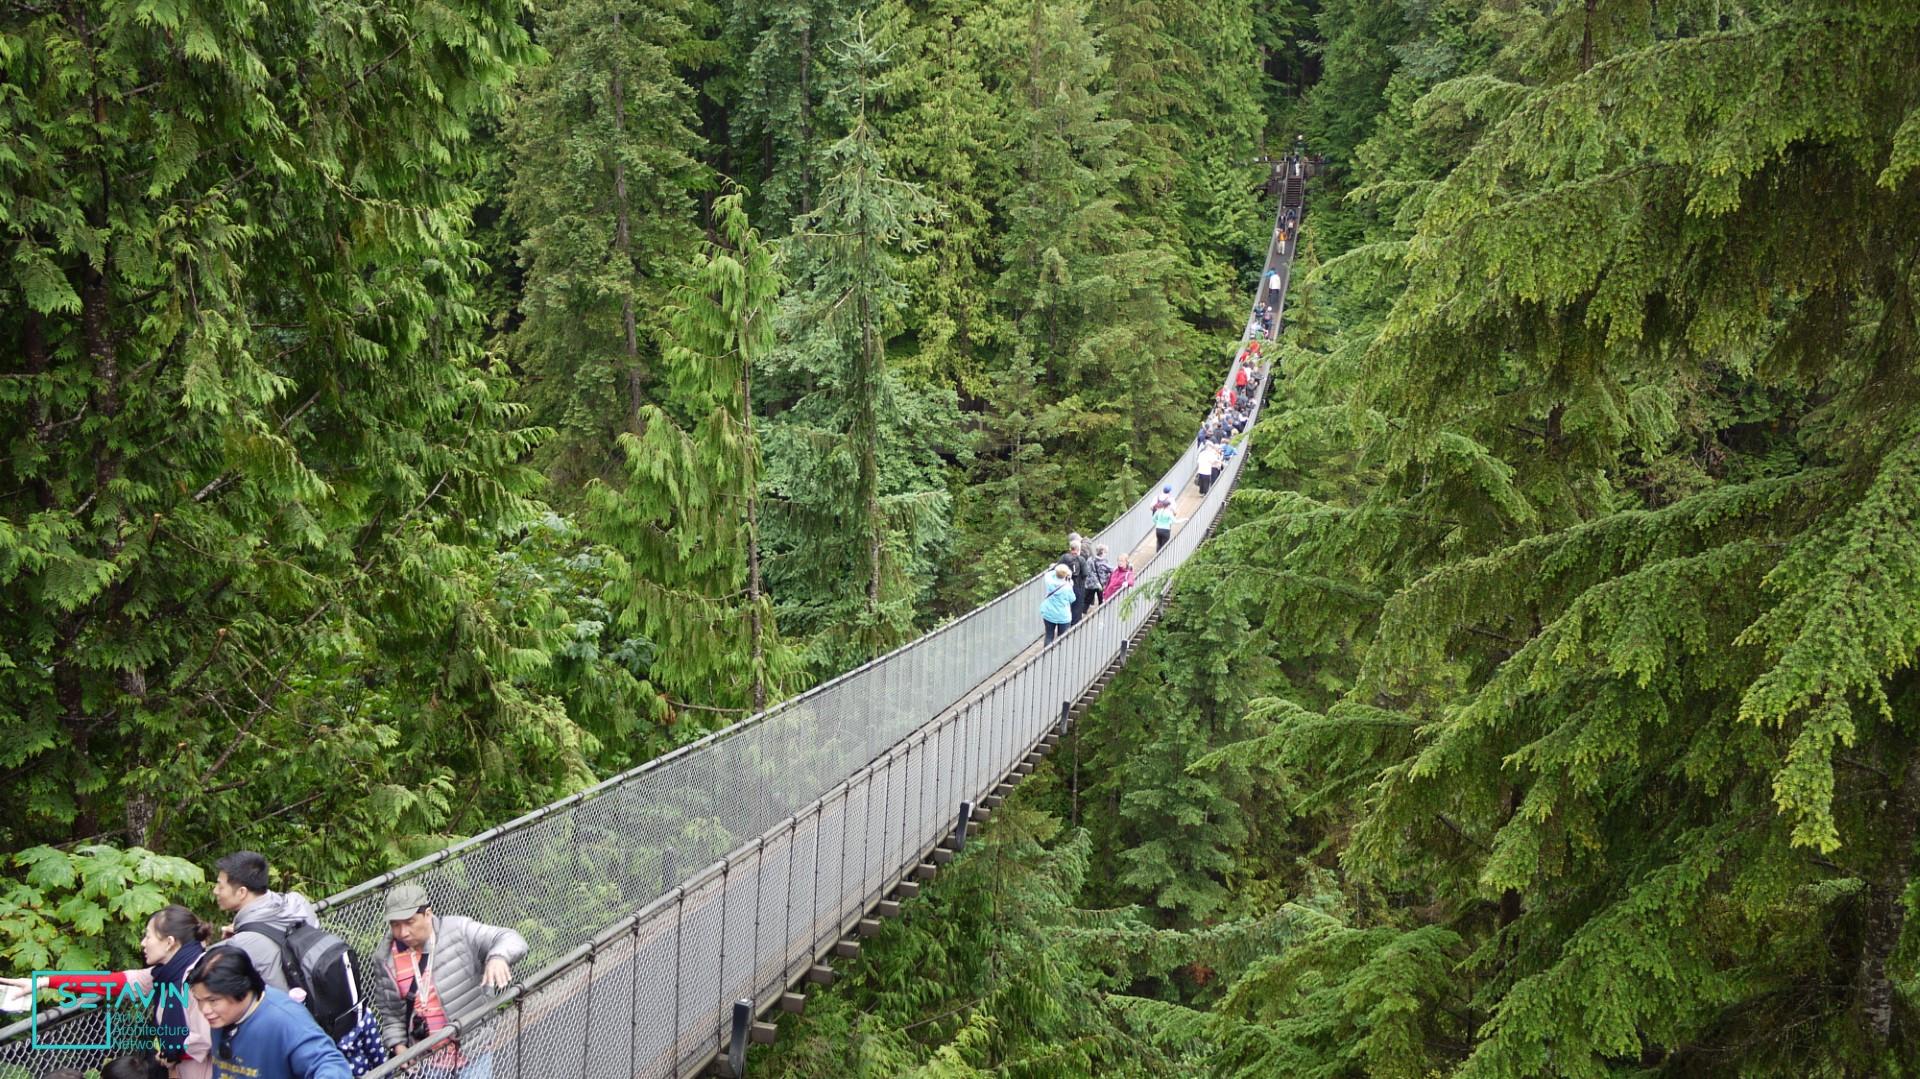 پل معلق ونکوور کانادا یکی از دیدنی های جذاب اطراف ونکوور